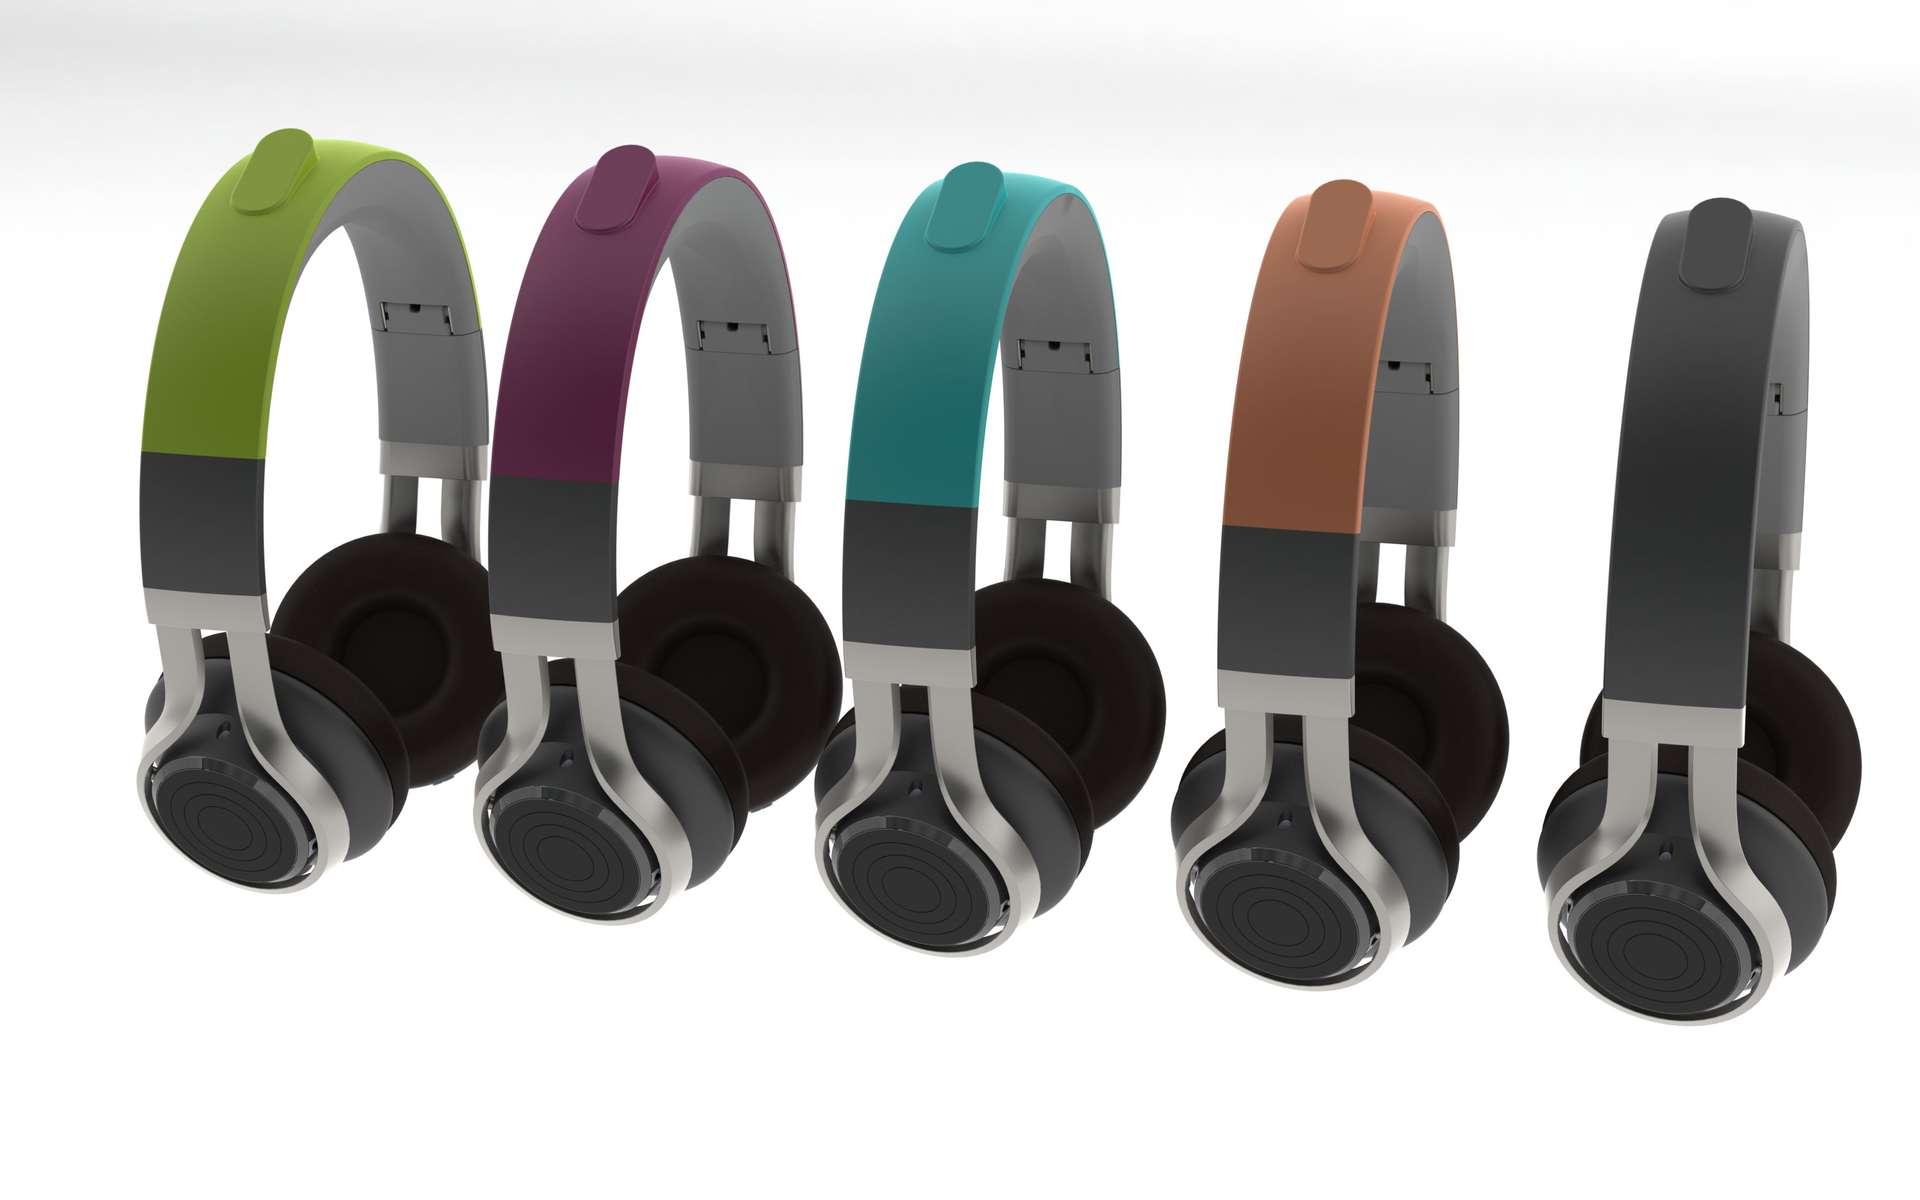 Le casque Intelligent Headset ambitionne de faire de la réalité augmentée audio, grâce à une batterie de capteurs et un GPS (la protubérance que l'on aperçoit sur le serre-tête) qui suivent les déplacements de la personne et les mouvements de la tête, afin d'adapter les commentaires et les effets sonores. © GN Store, Intelligent Headset